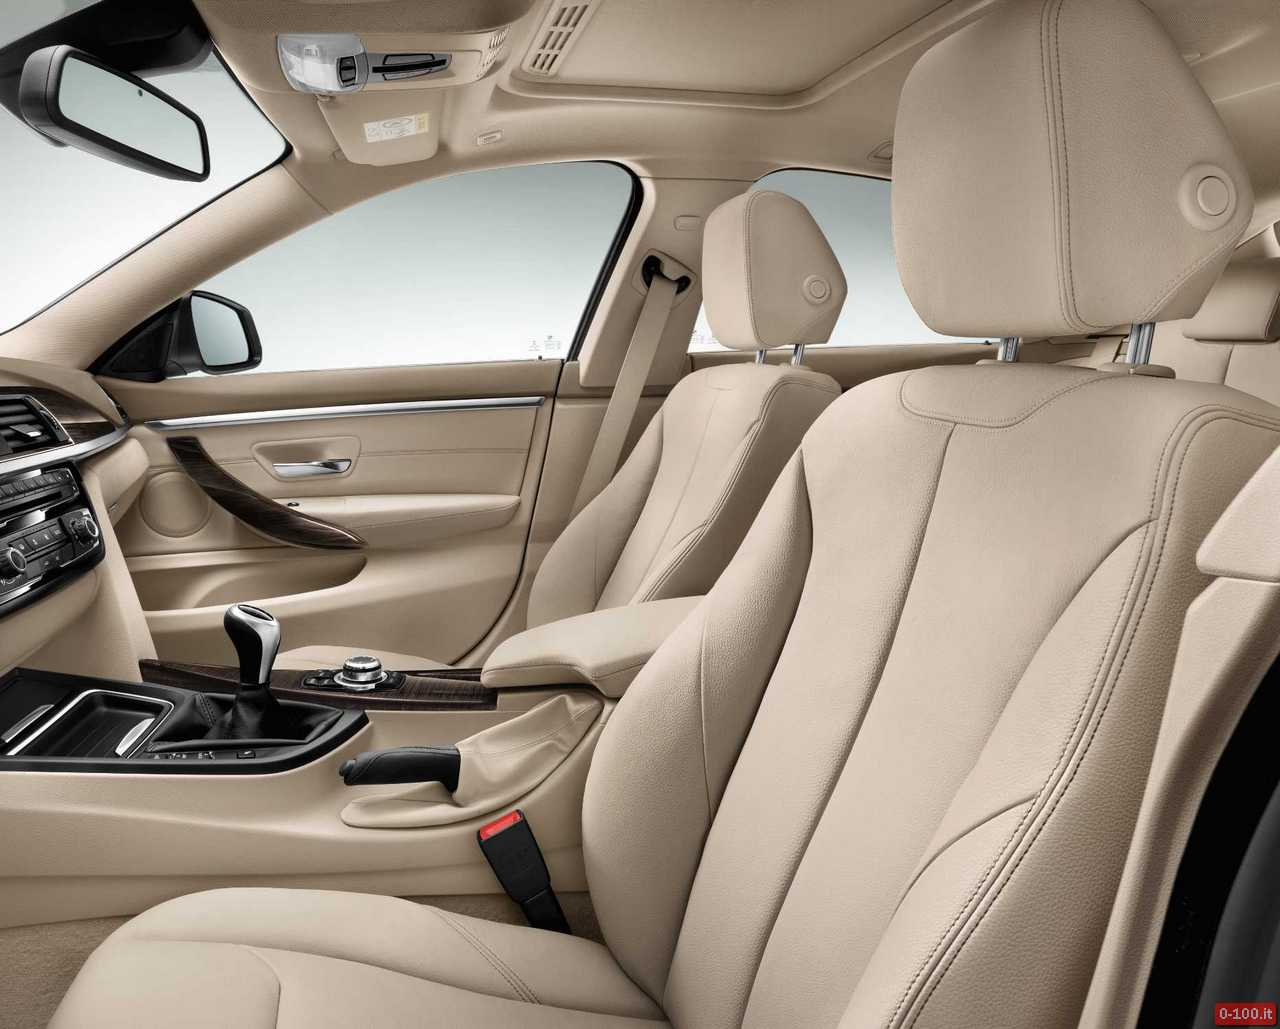 bmw-serie-4-gran-coupe-prezzo-price-ginevra-geneve-2014-0-100_45